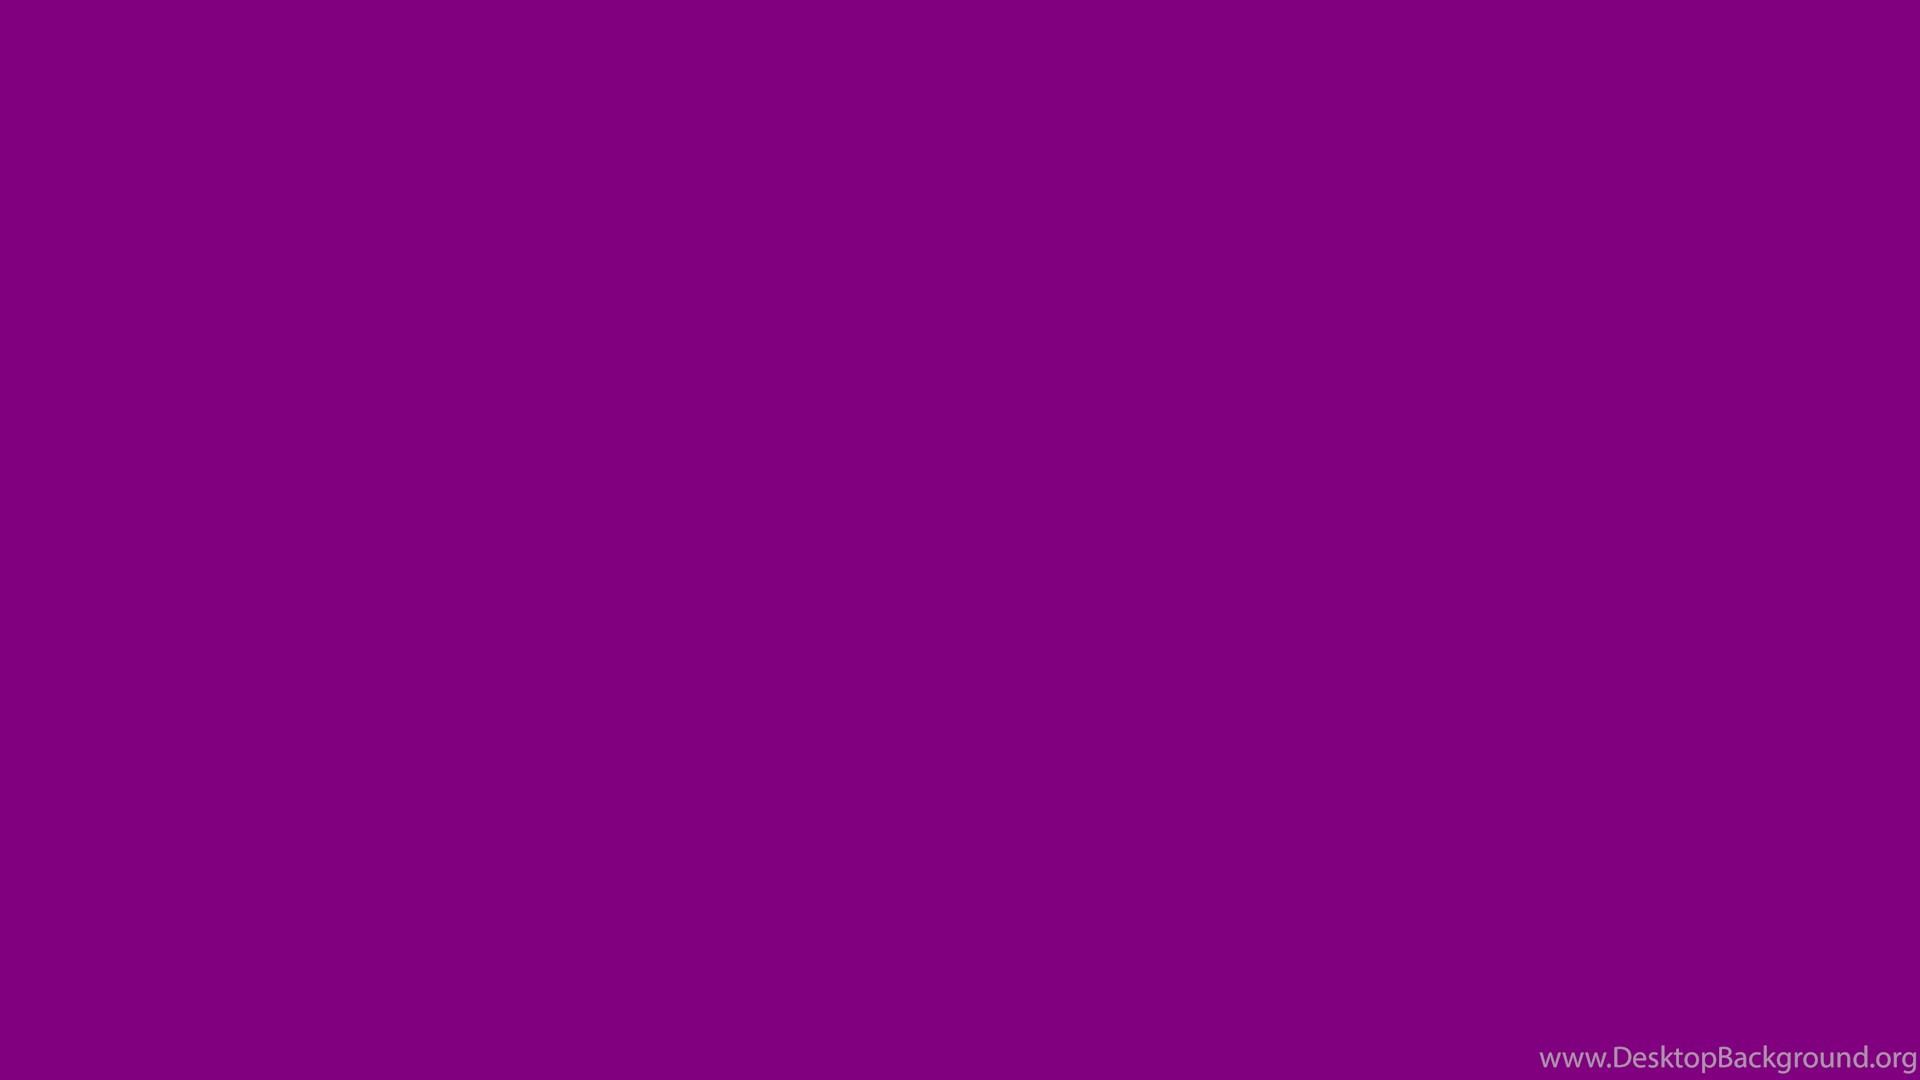 1920x1080 purple web solid color backgrounds desktop